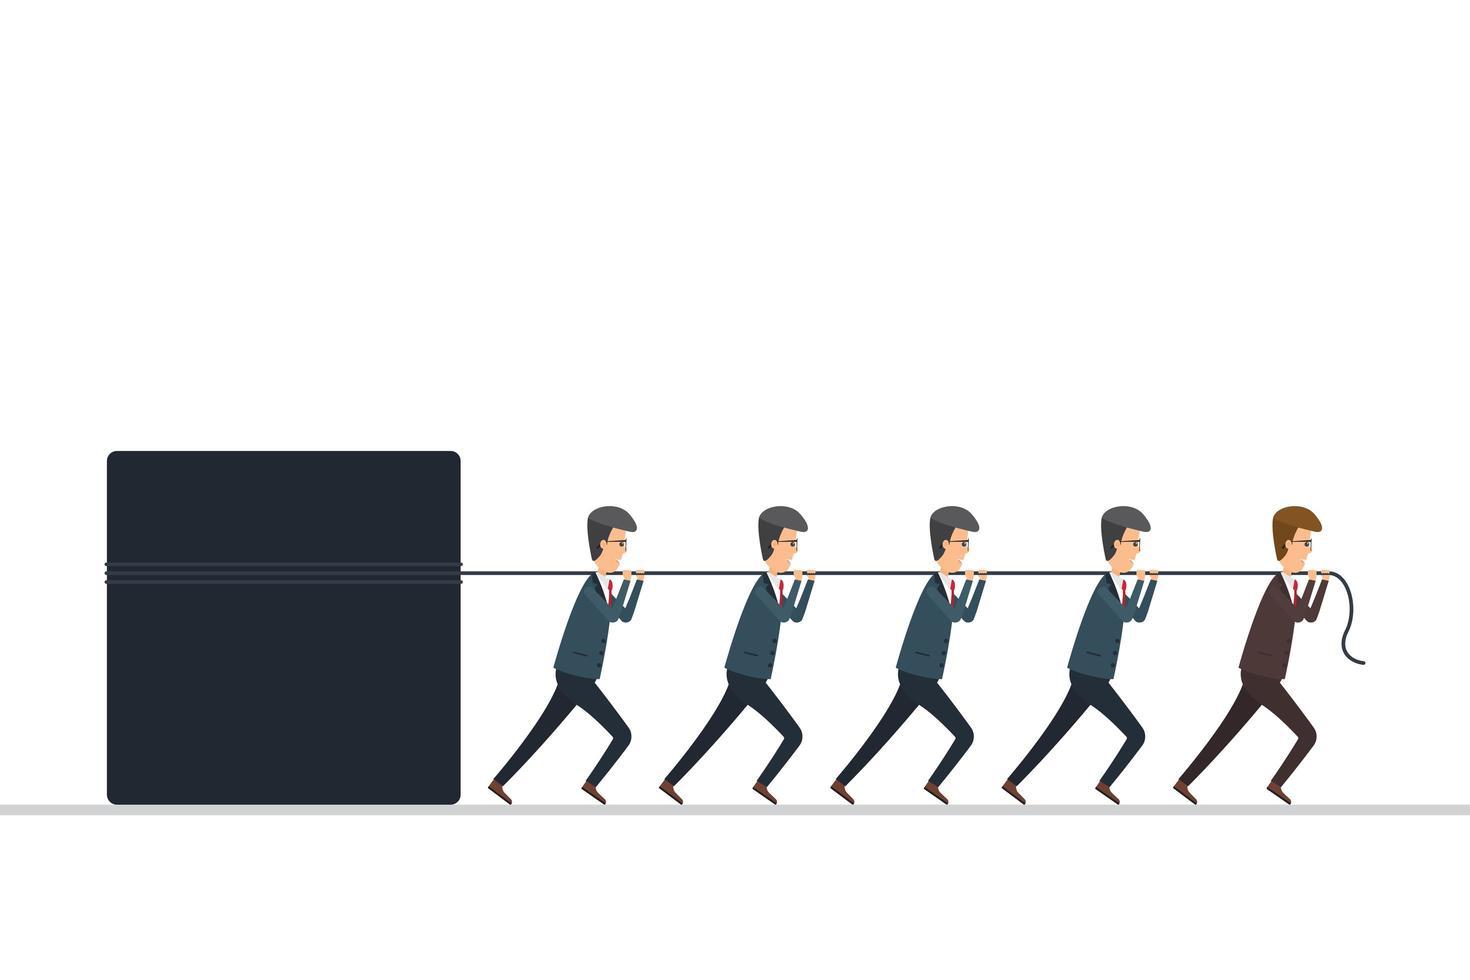 conceito de liderança. líder trabalha com empregadores. ilustração vetorial em design plano. vetor